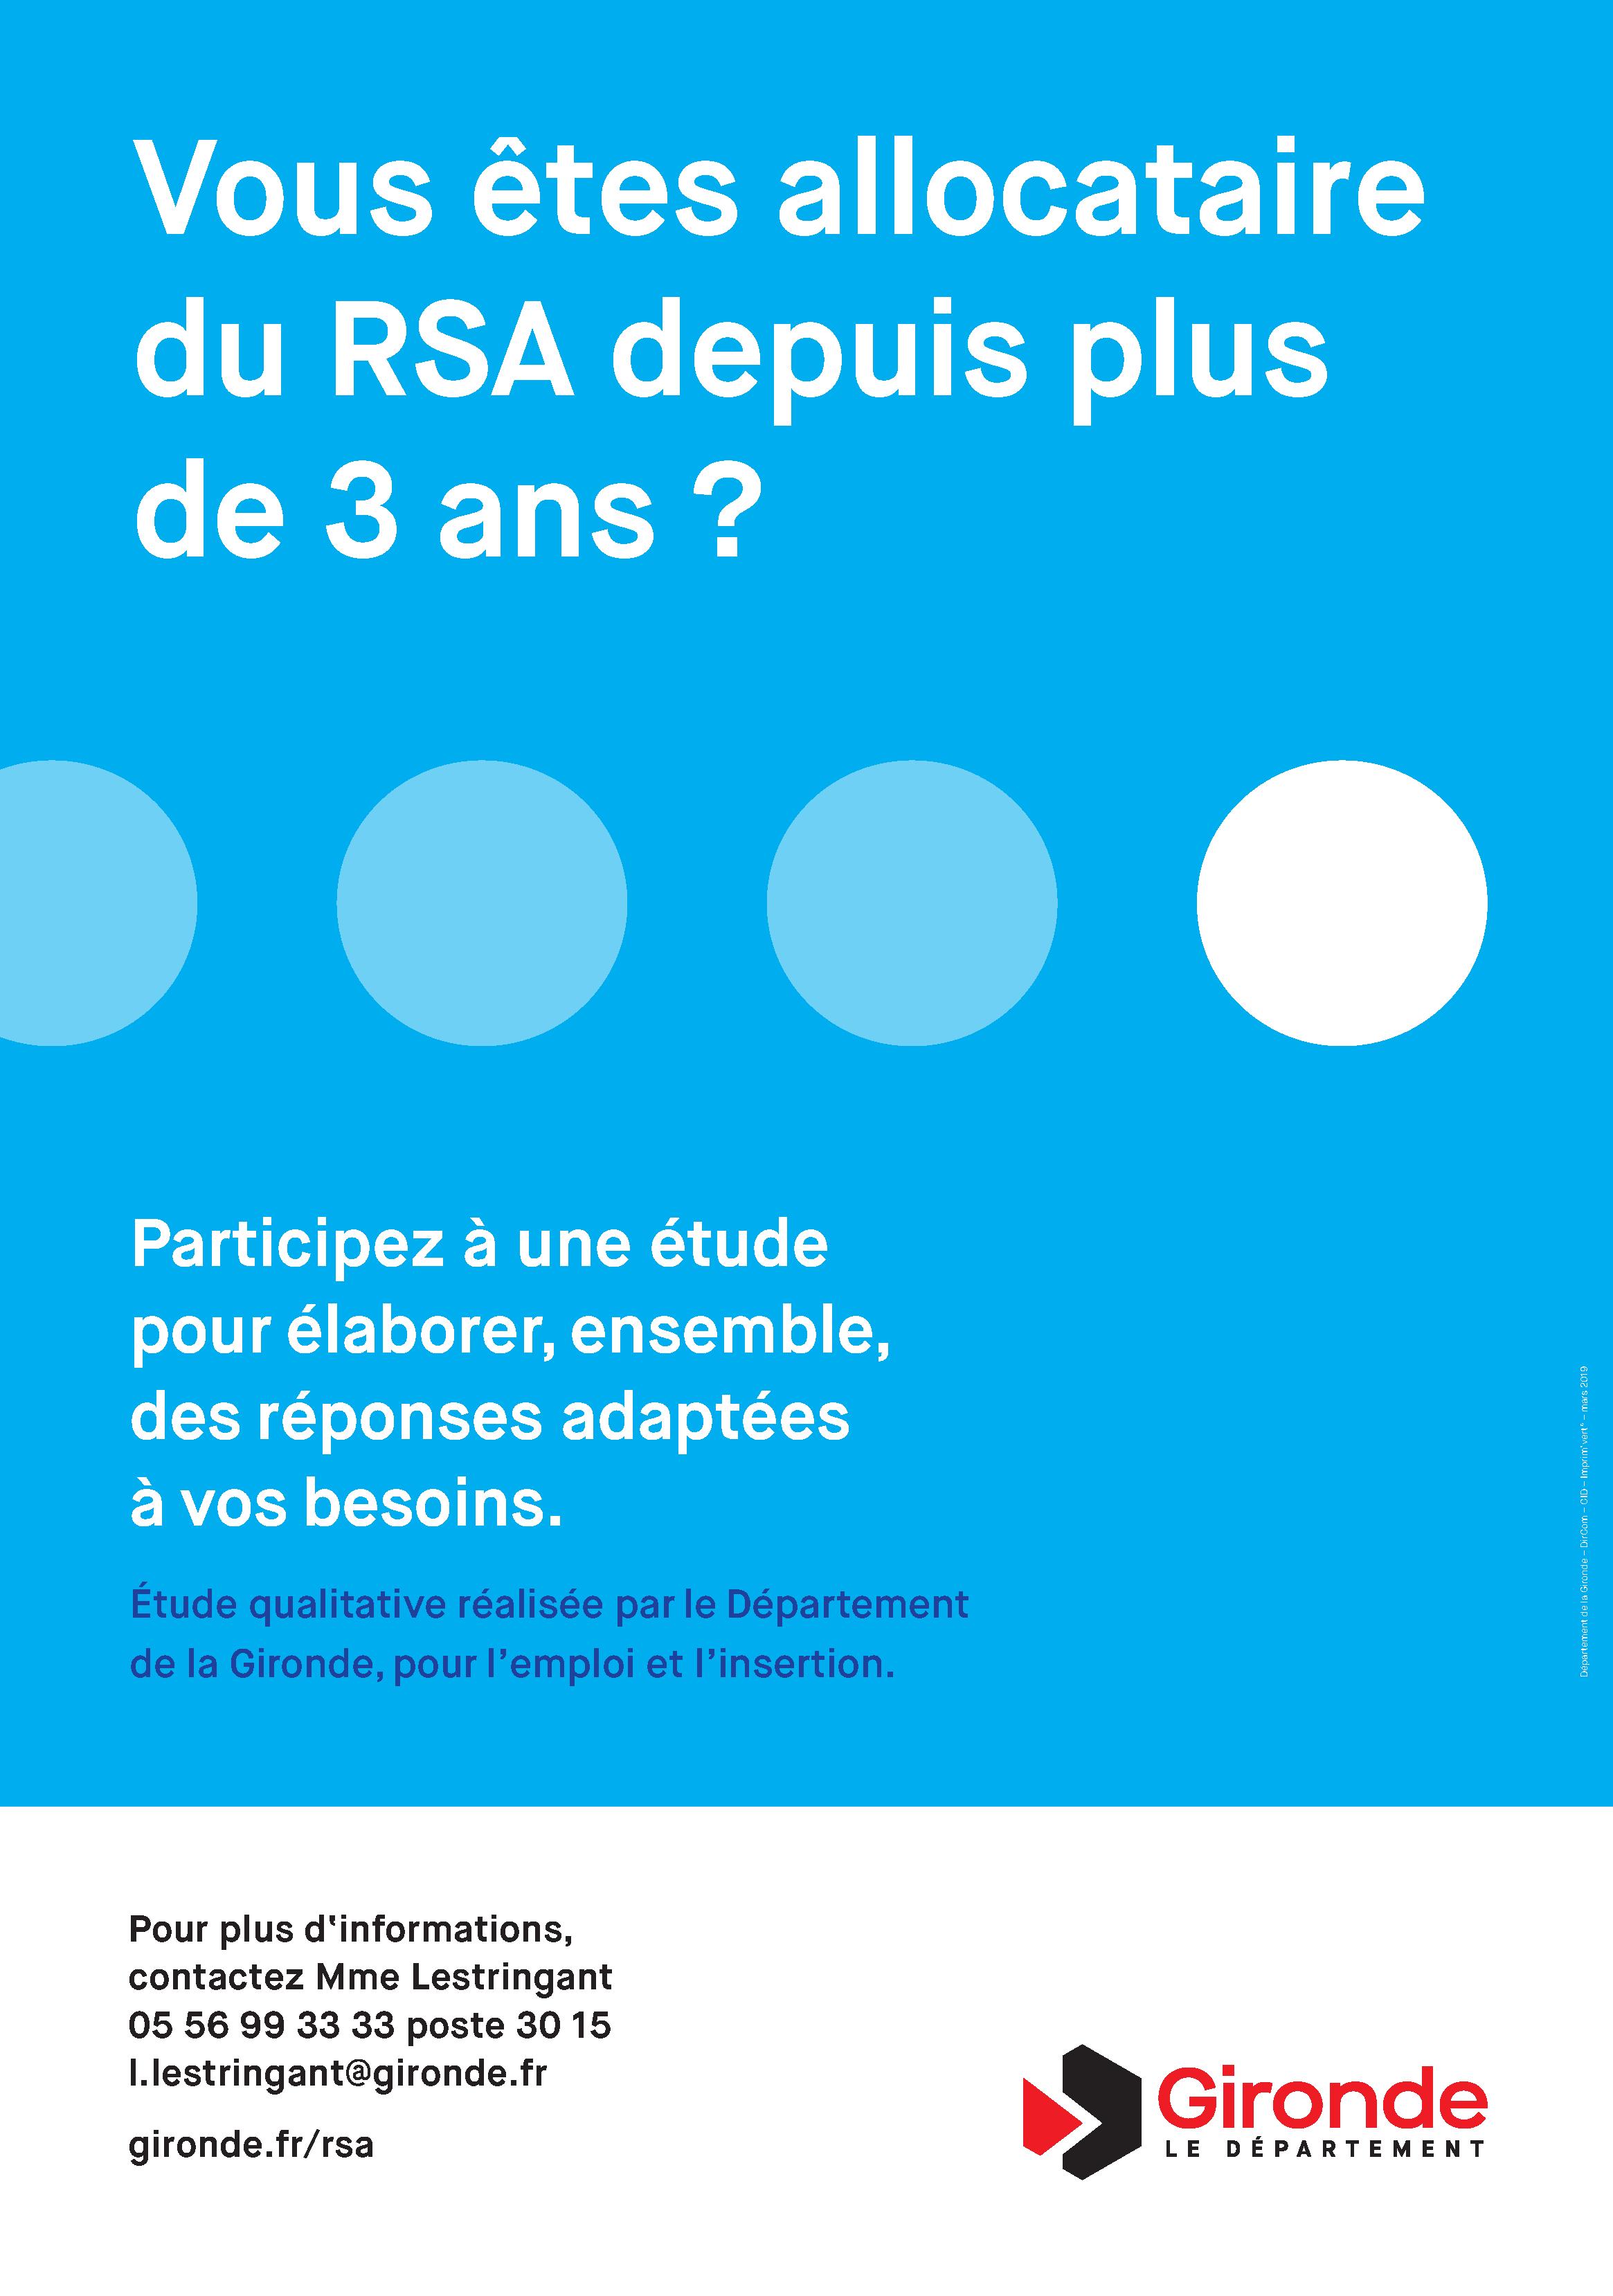 Vous Etes Un Particulier Gironde Fr